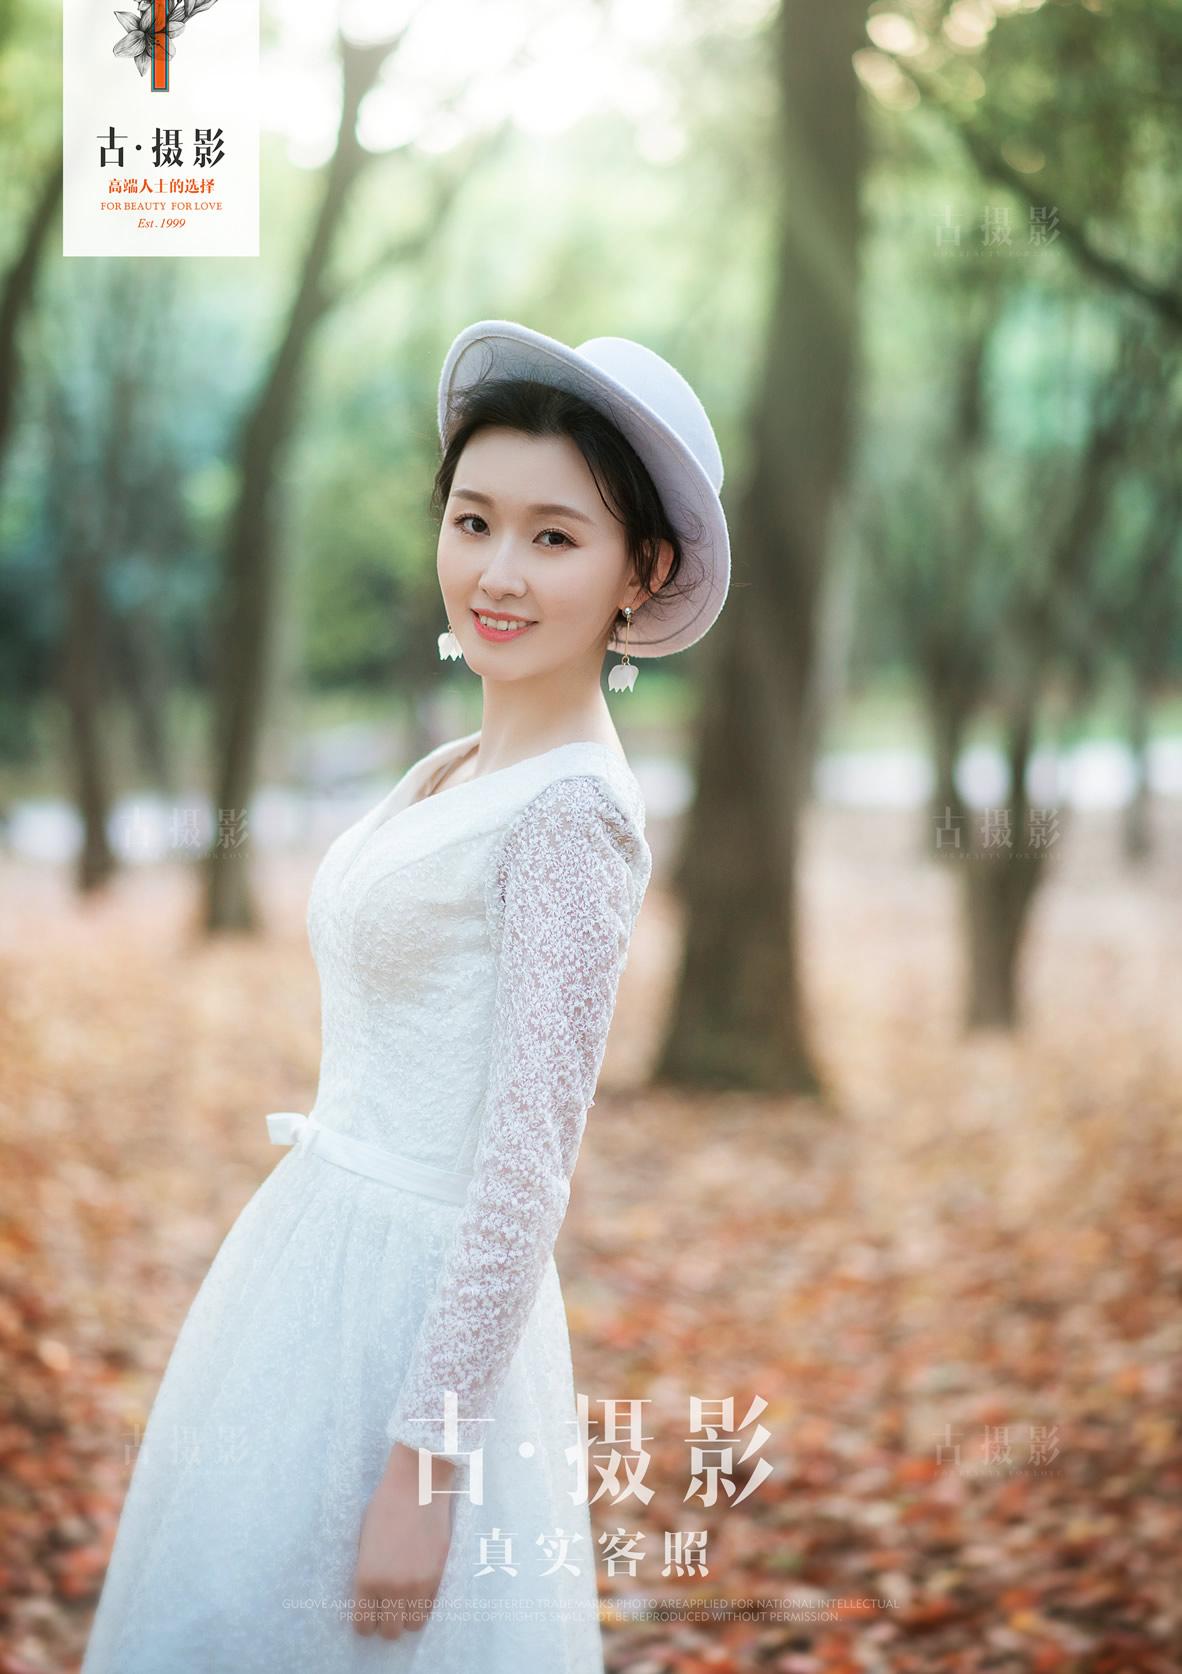 8月2日客片周先生 康小姐 - 每日客照 - love上海古摄影-上海婚纱摄影网